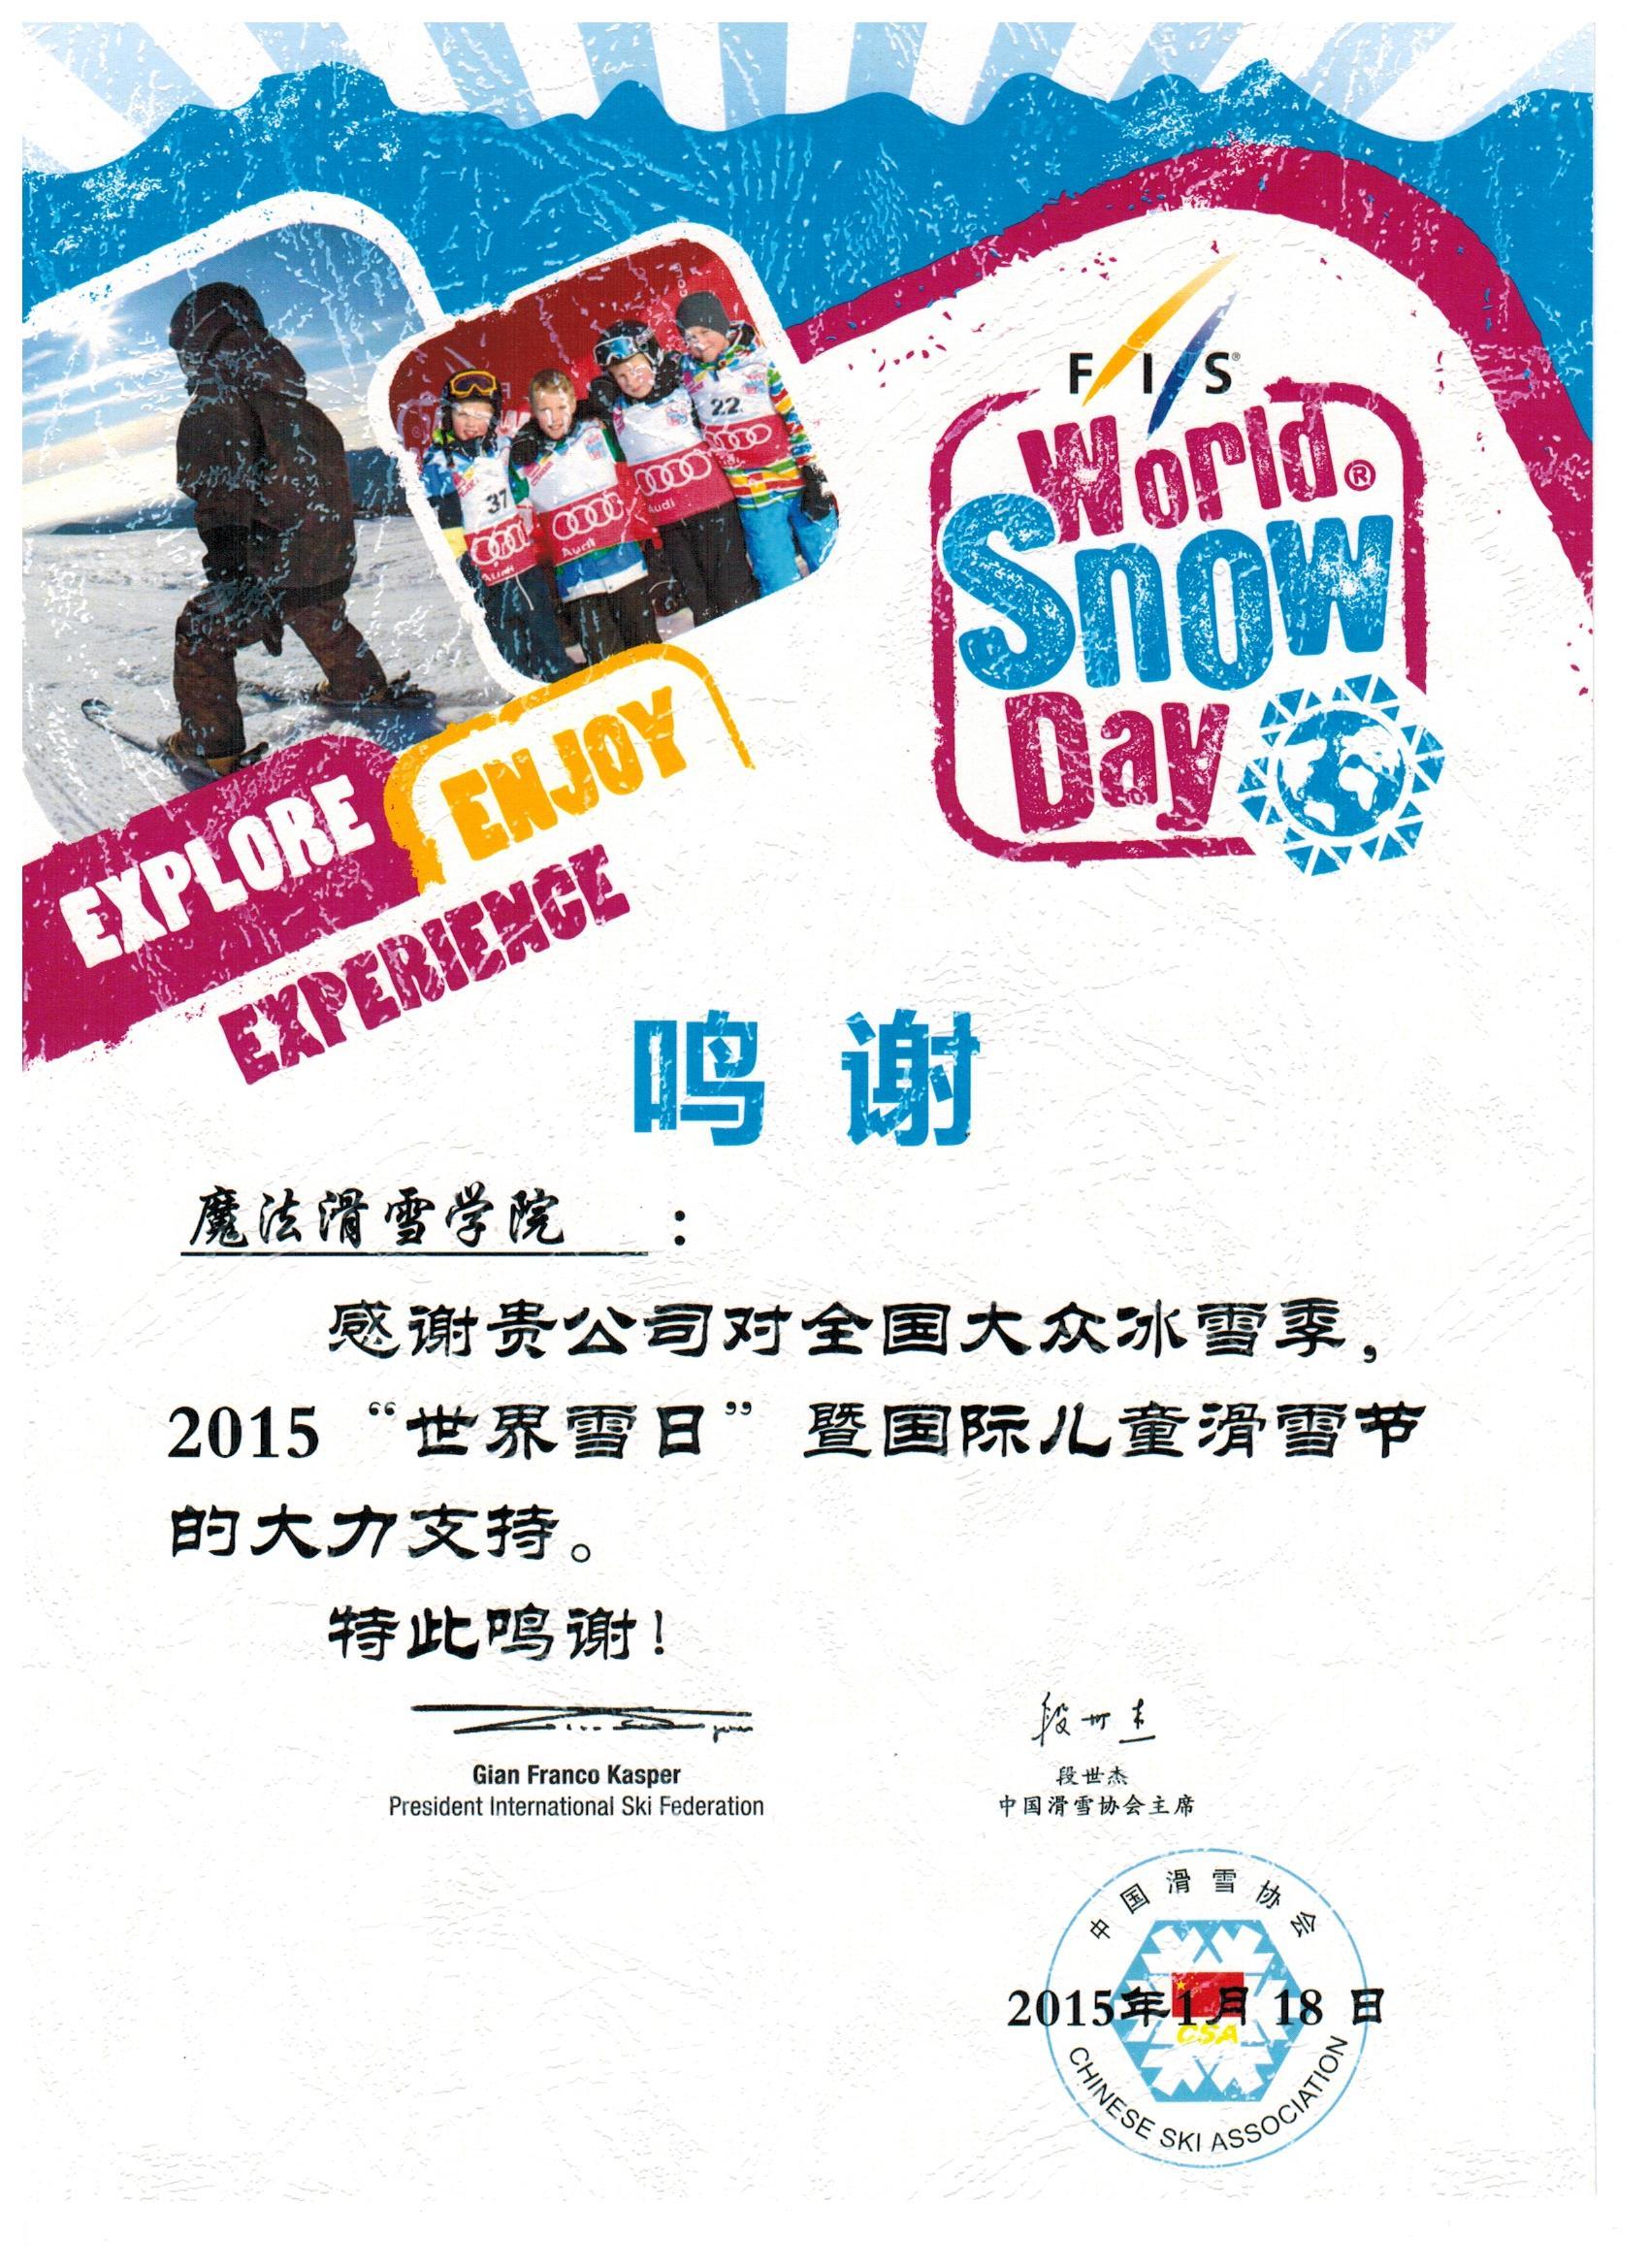 以学滑雪 美国PSIA滑雪夏令营在室内滑雪场开课了